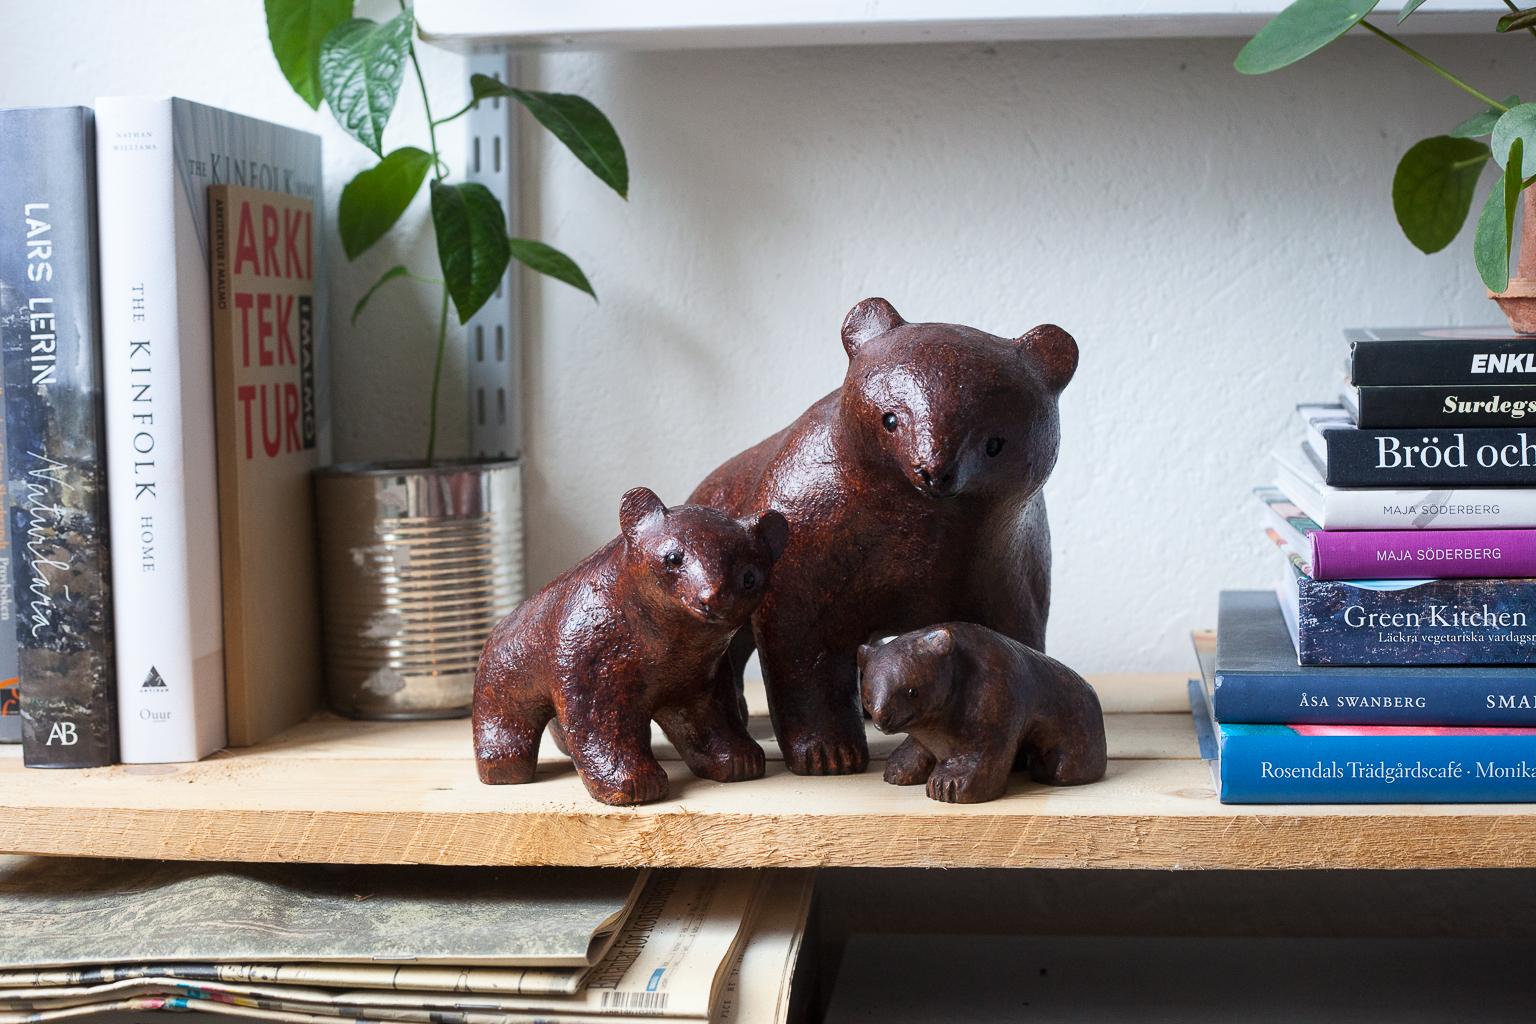 Tankar om en björnfamilj